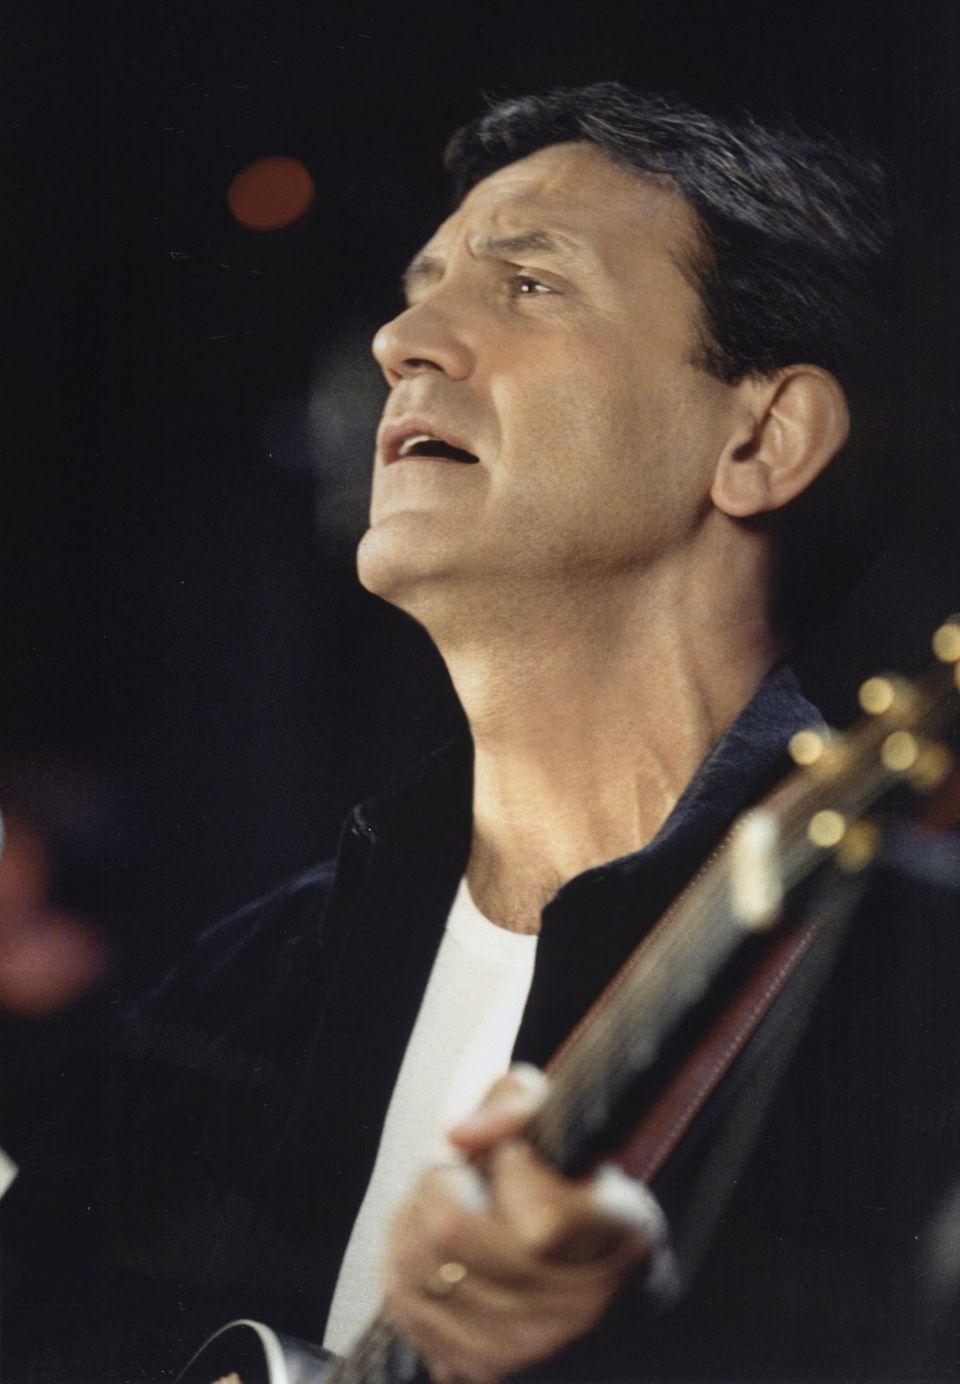 Η μουσική παράσταση «... και με φως και με θάνατον ακαταπαύστως» με τον Γιώργο Νταλάρα σε σκηνοθεσία...